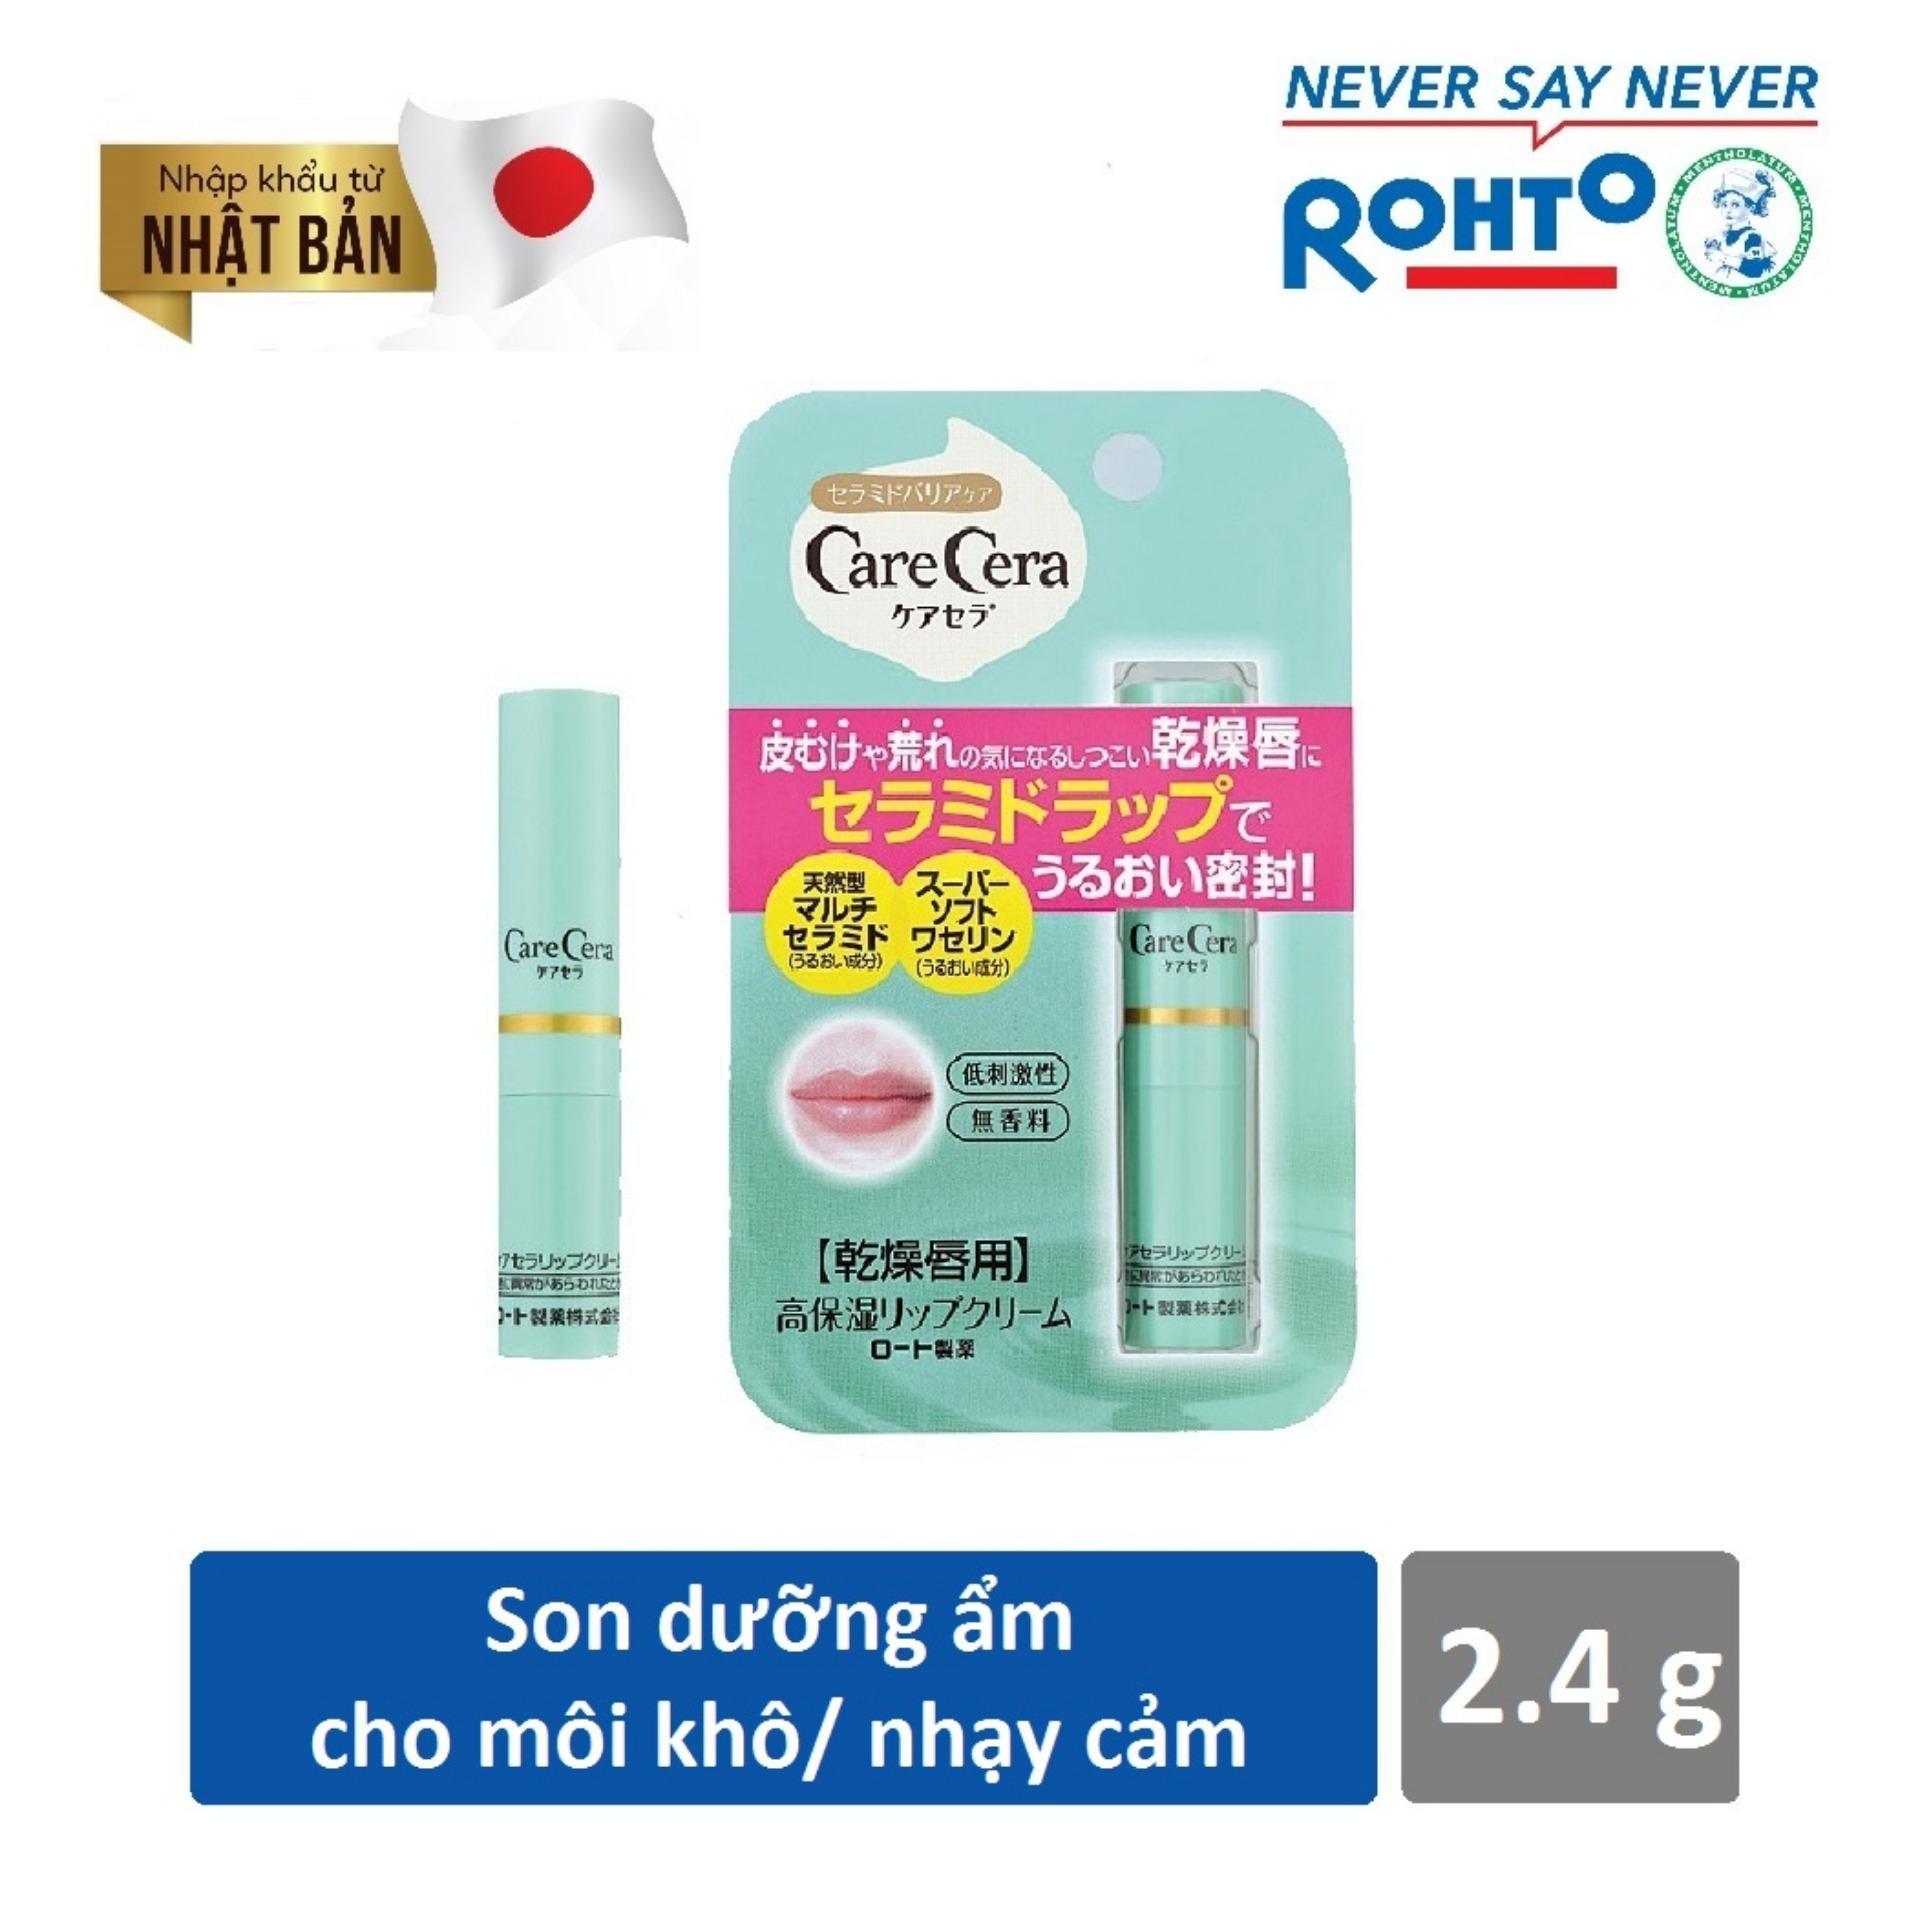 Son Dưỡng Moi Care Cera Moisturizing Lip Balm 2 4G Nhập Khẩu Từ Nhật Bản Đồng Gia Mới Nhất